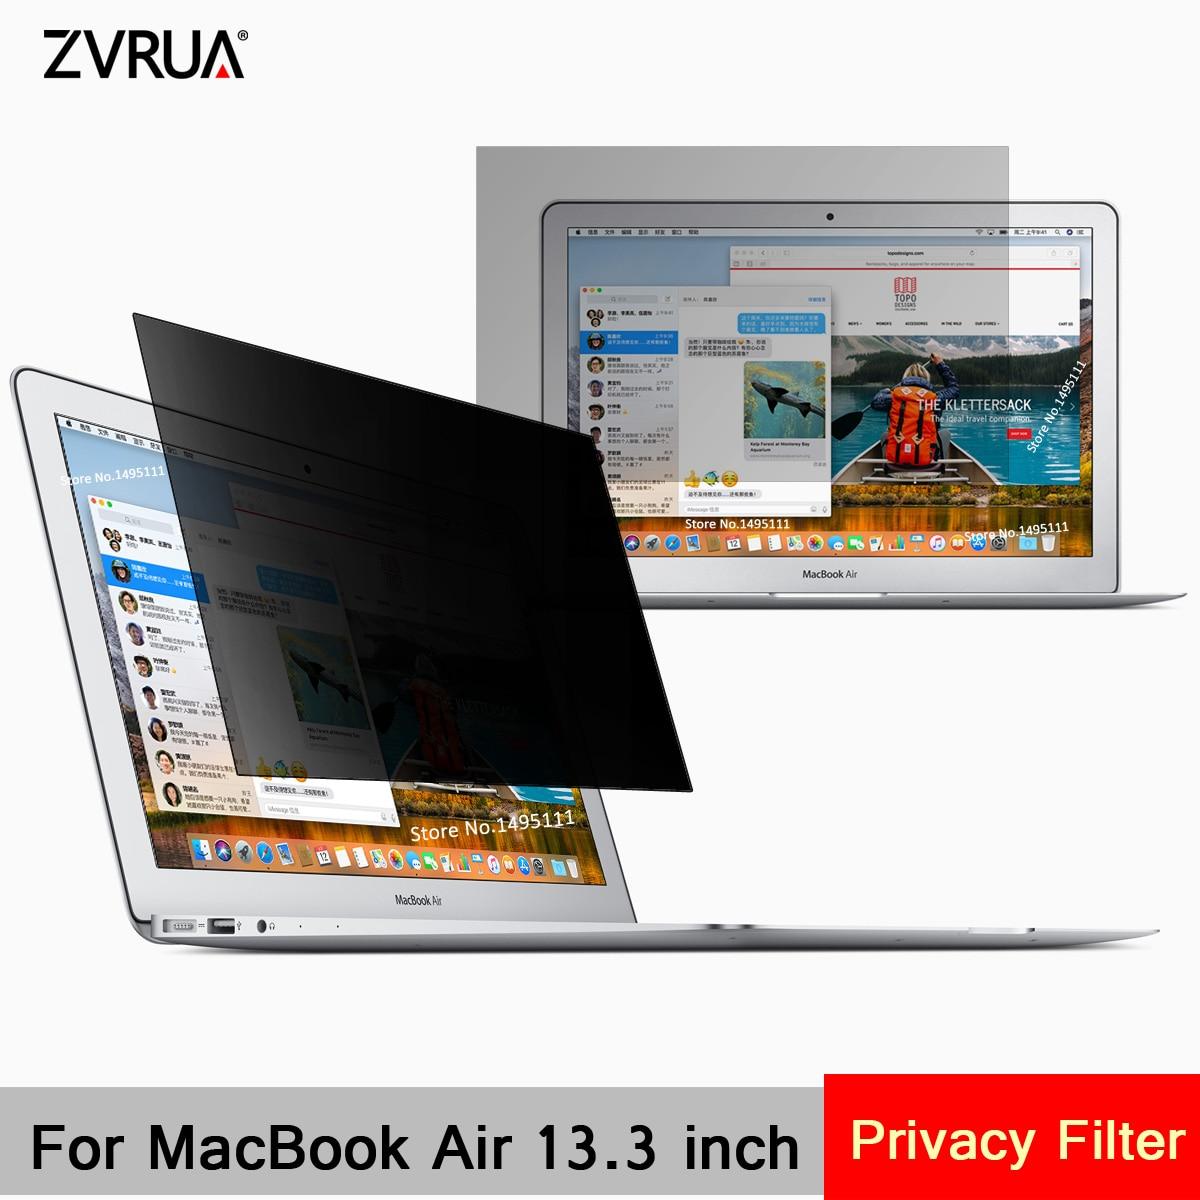 Für Apple Macbook Air 13,3 Zoll Privatsphäre Filter Laptop Notebook Anti-glare Screen Protector Schutz Film Krankheiten Zu Verhindern Und Zu Heilen 286mm * 179mm